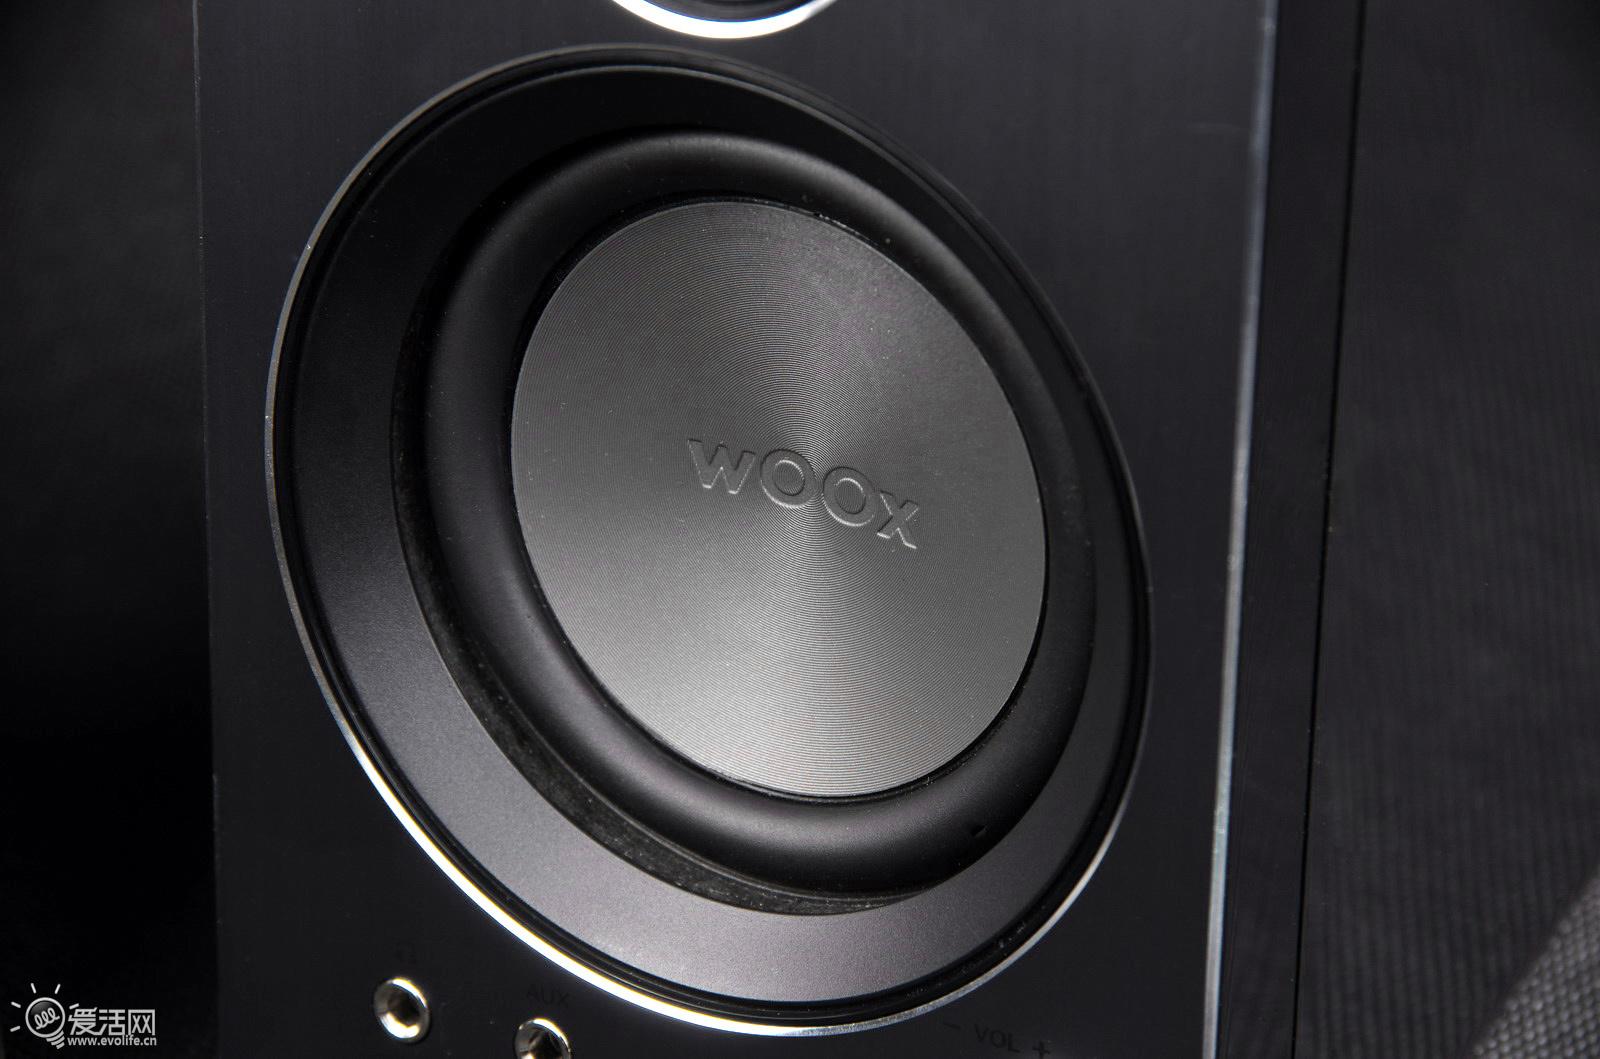 0音箱,拥有铝合金拉丝面板和哑铃式结构